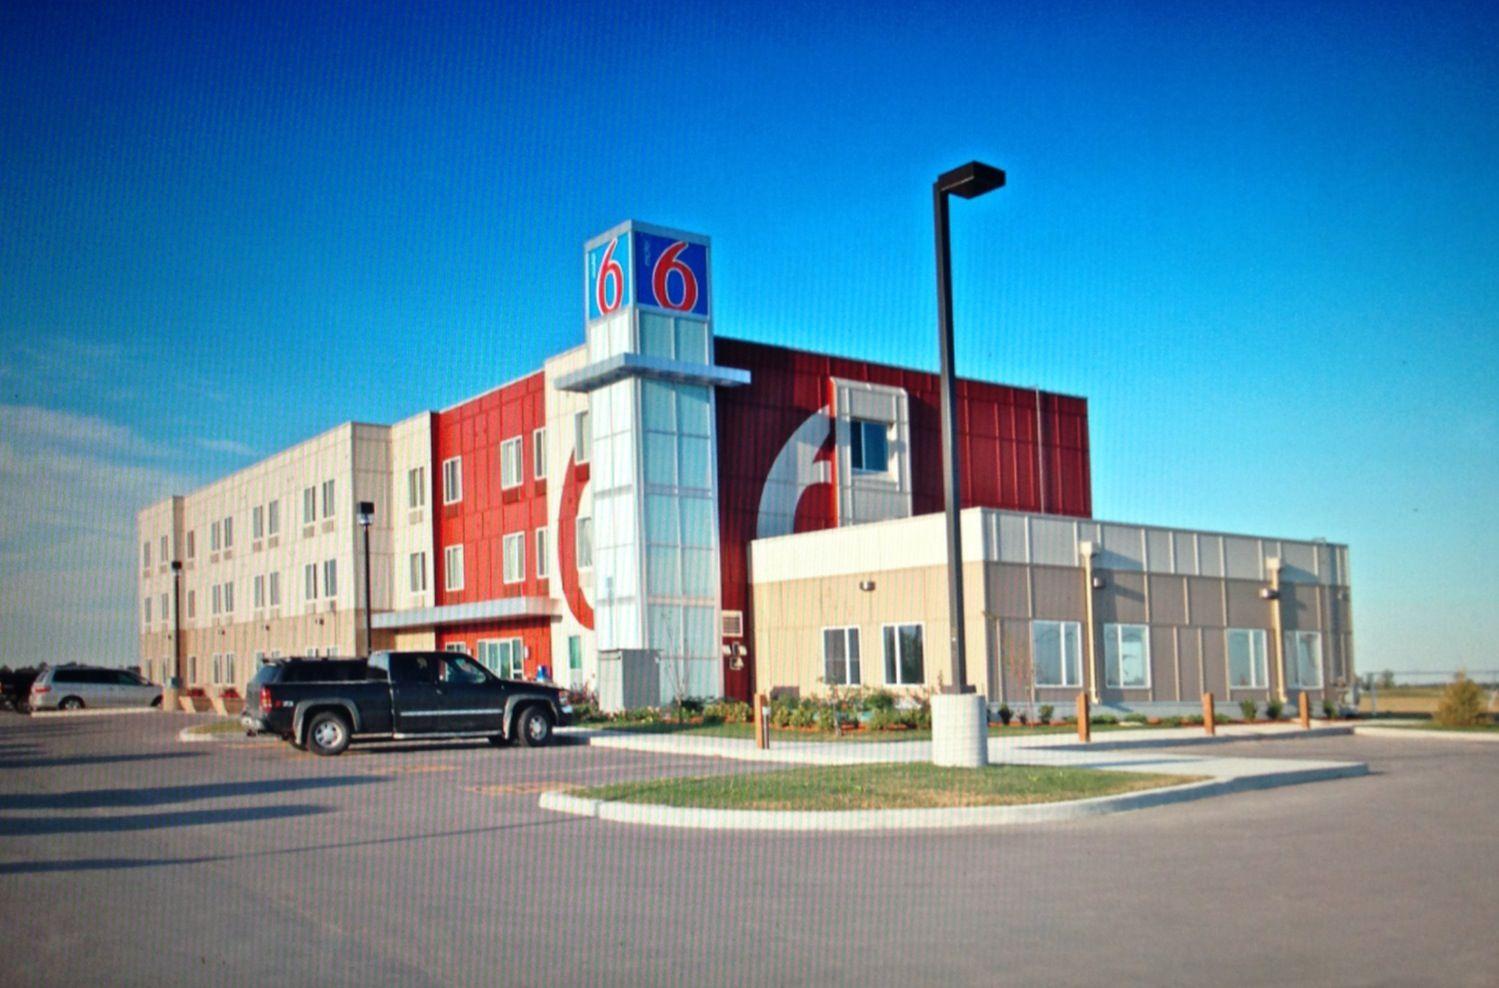 Motel 6 Winnipeg Manitoba House Styles Motel 6 Mansions